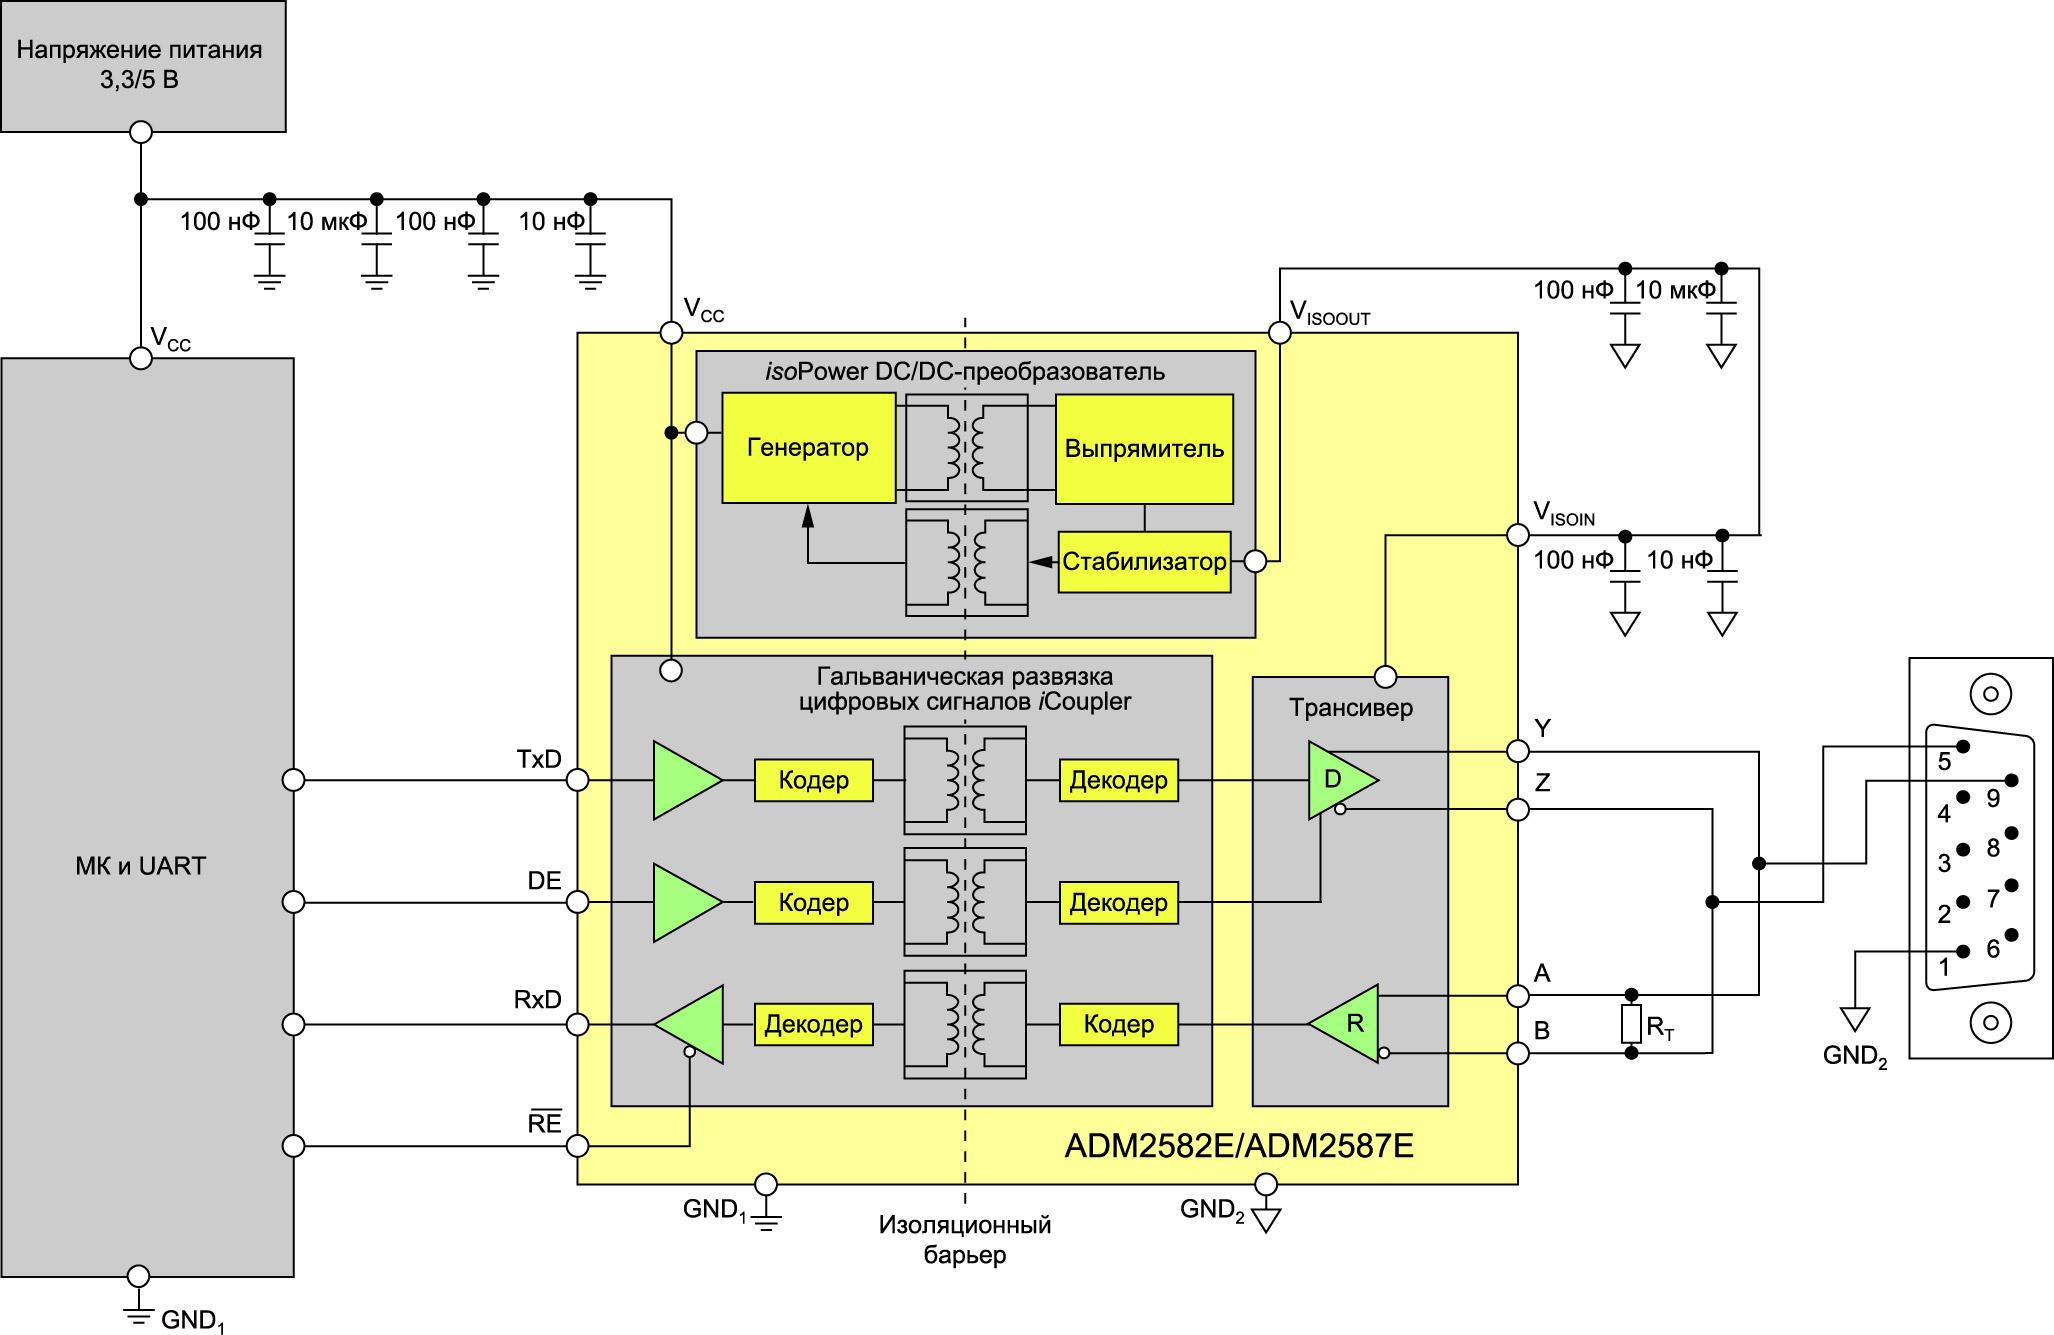 Приемопередатчик RS 485 с гальванической развязкой